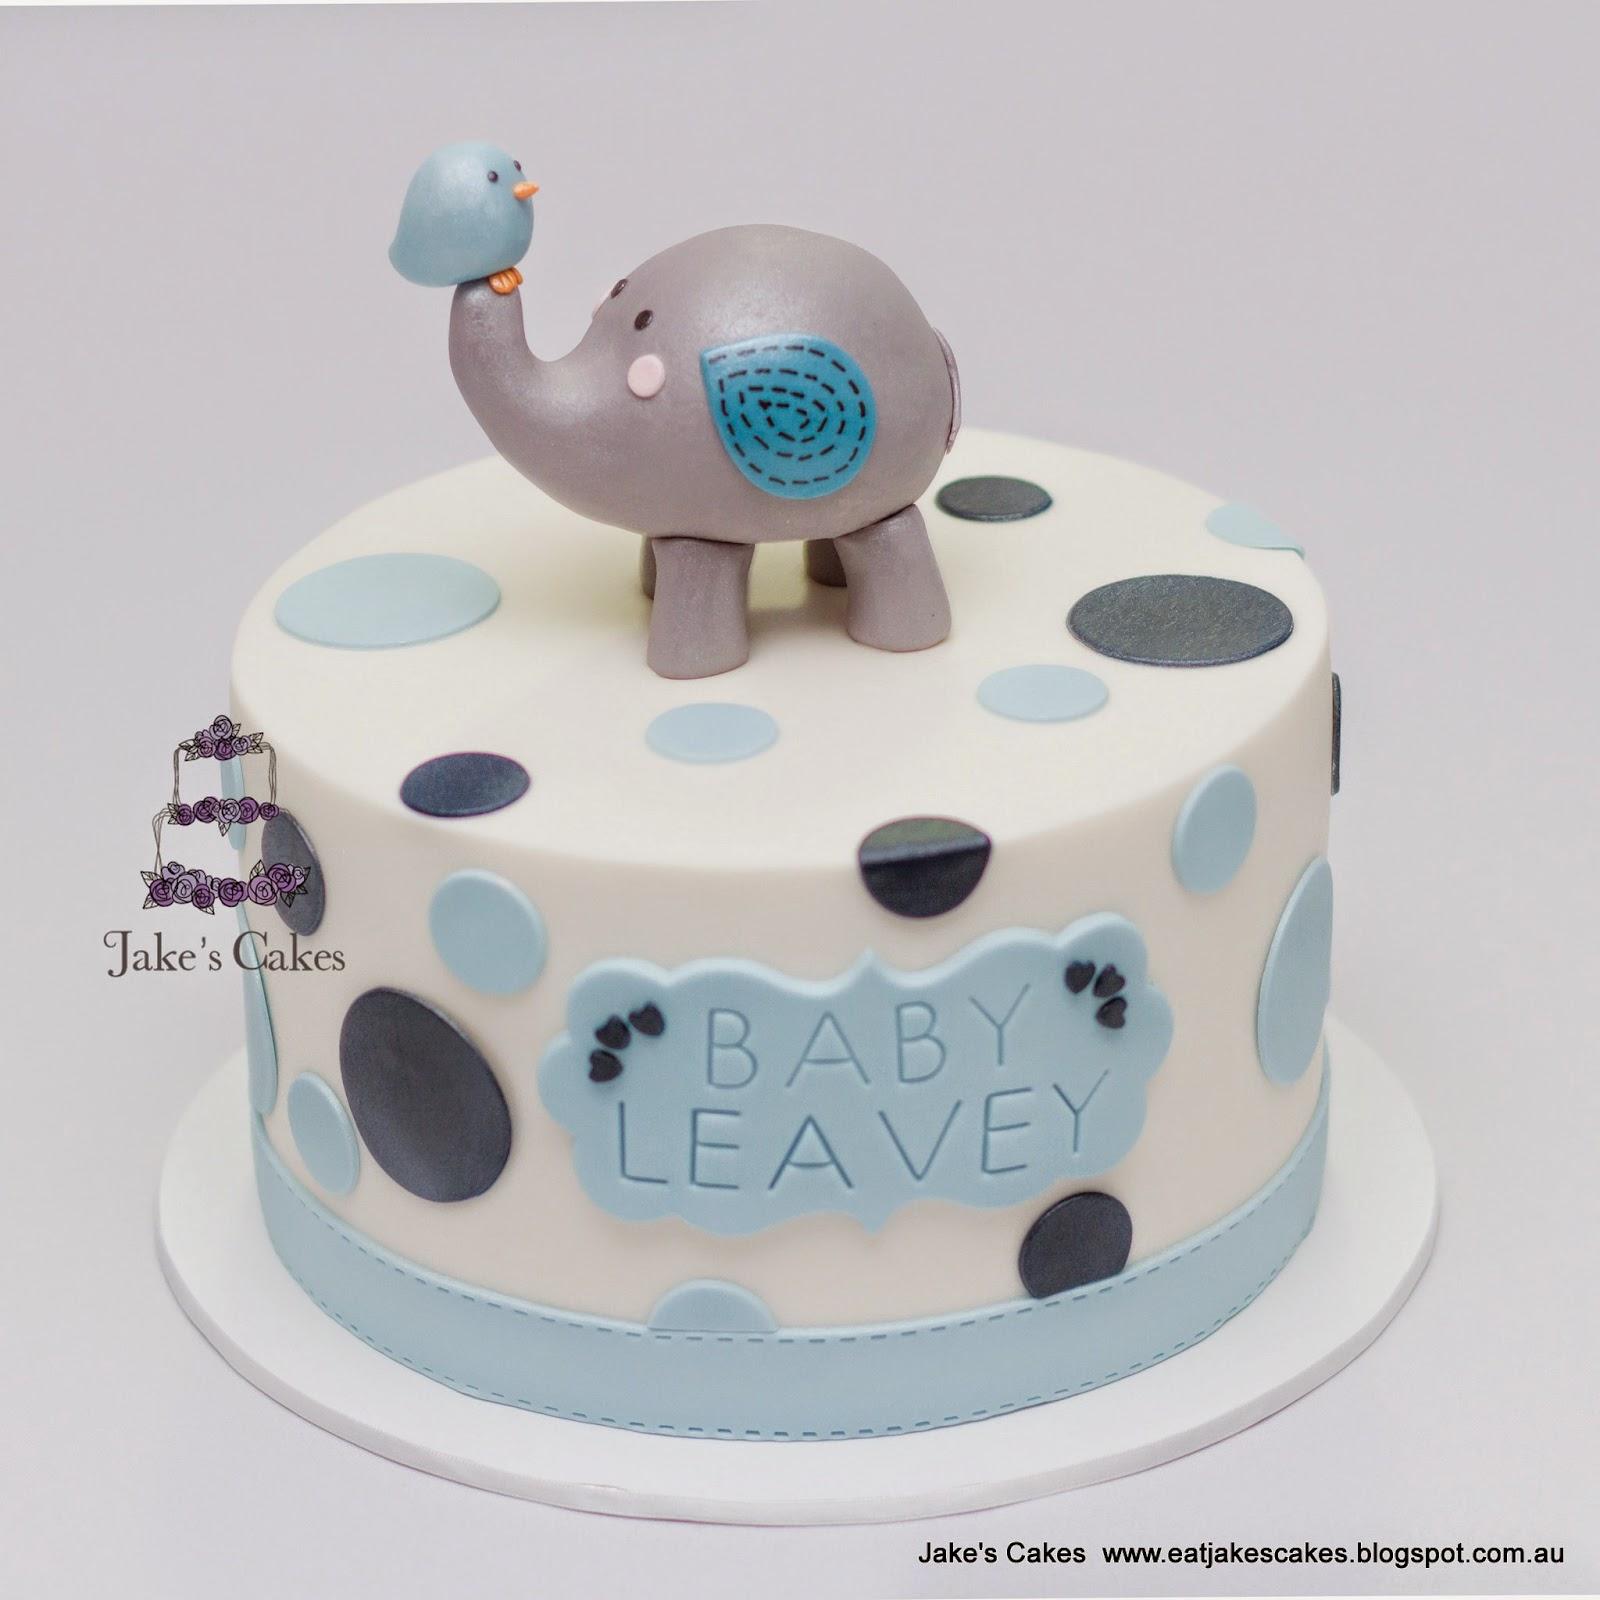 Jakes Cakes Cute Elephant Baby Shower Cake